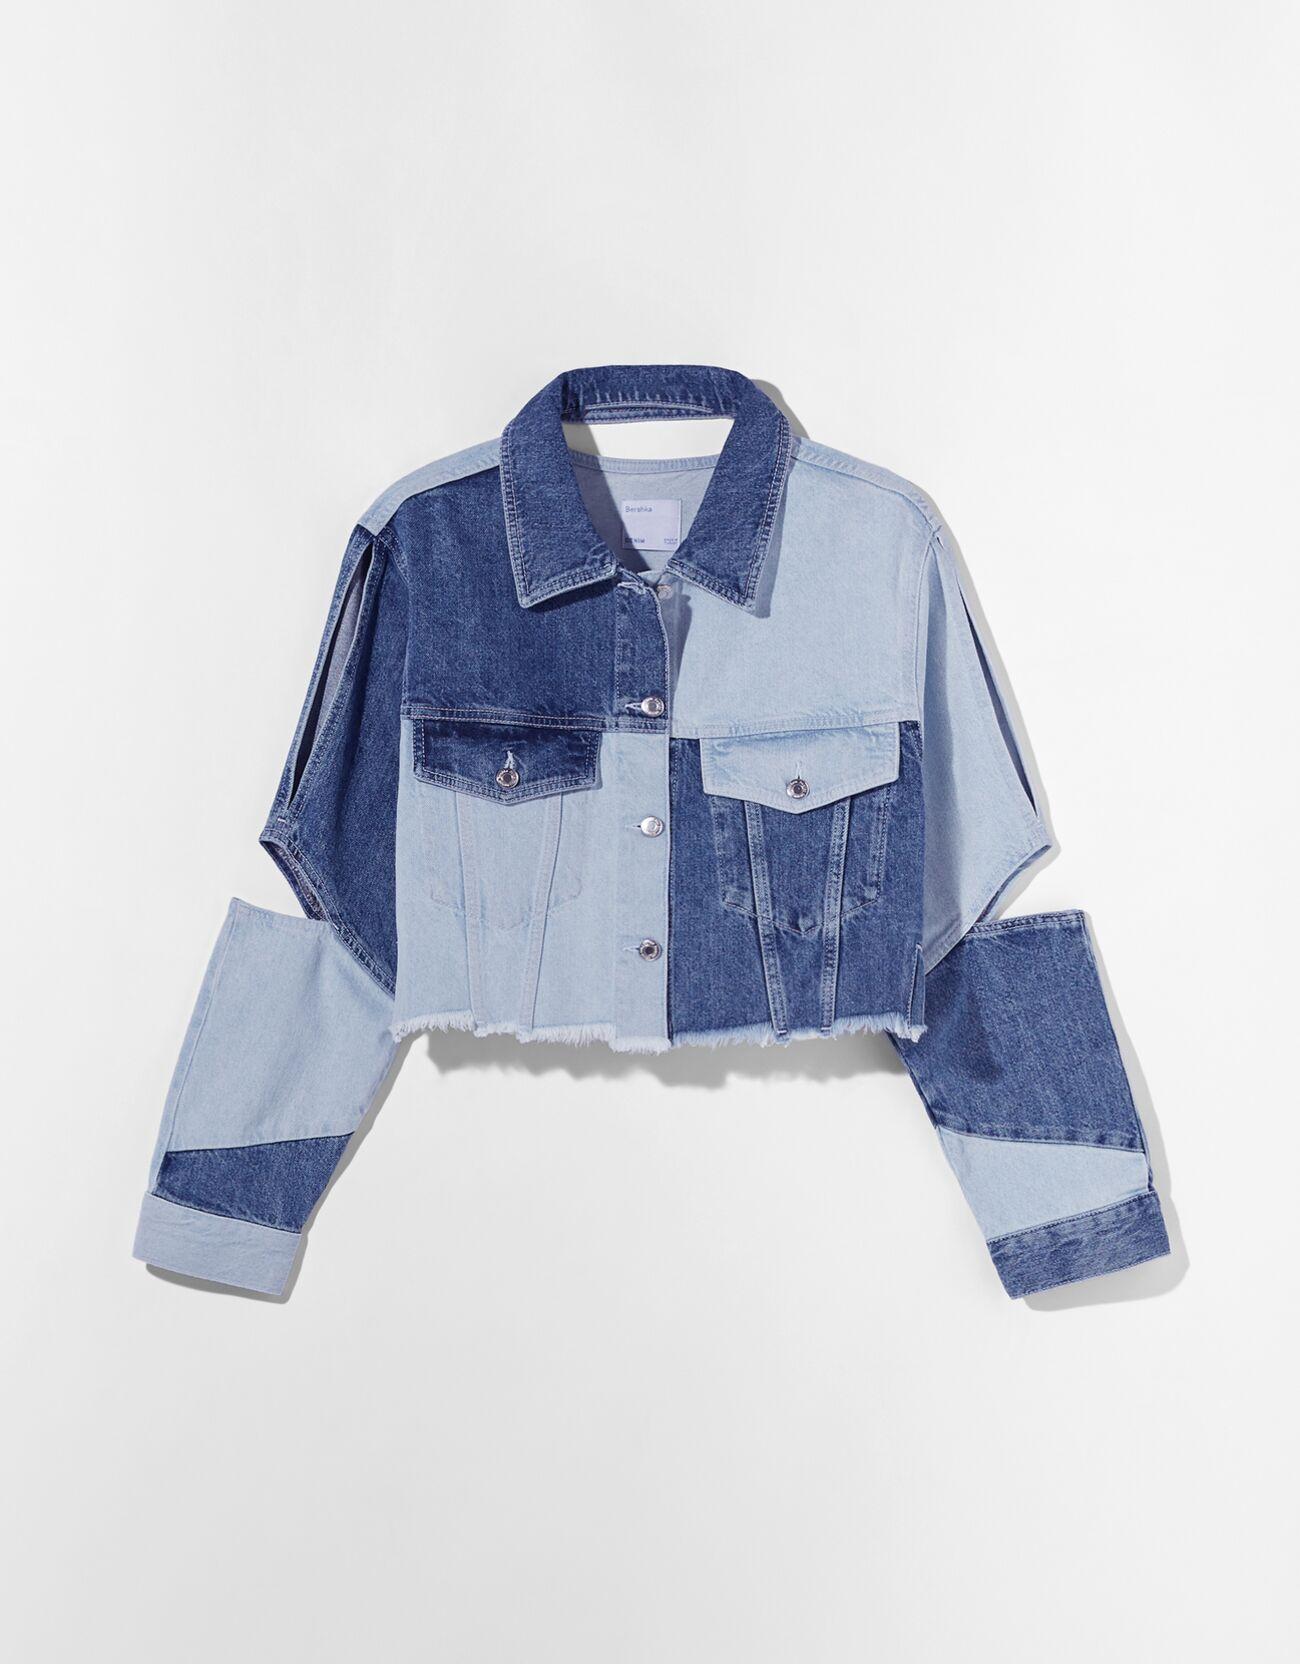 Двухцветная джинсовая куртка с вырезами Синий застиранный Bershka